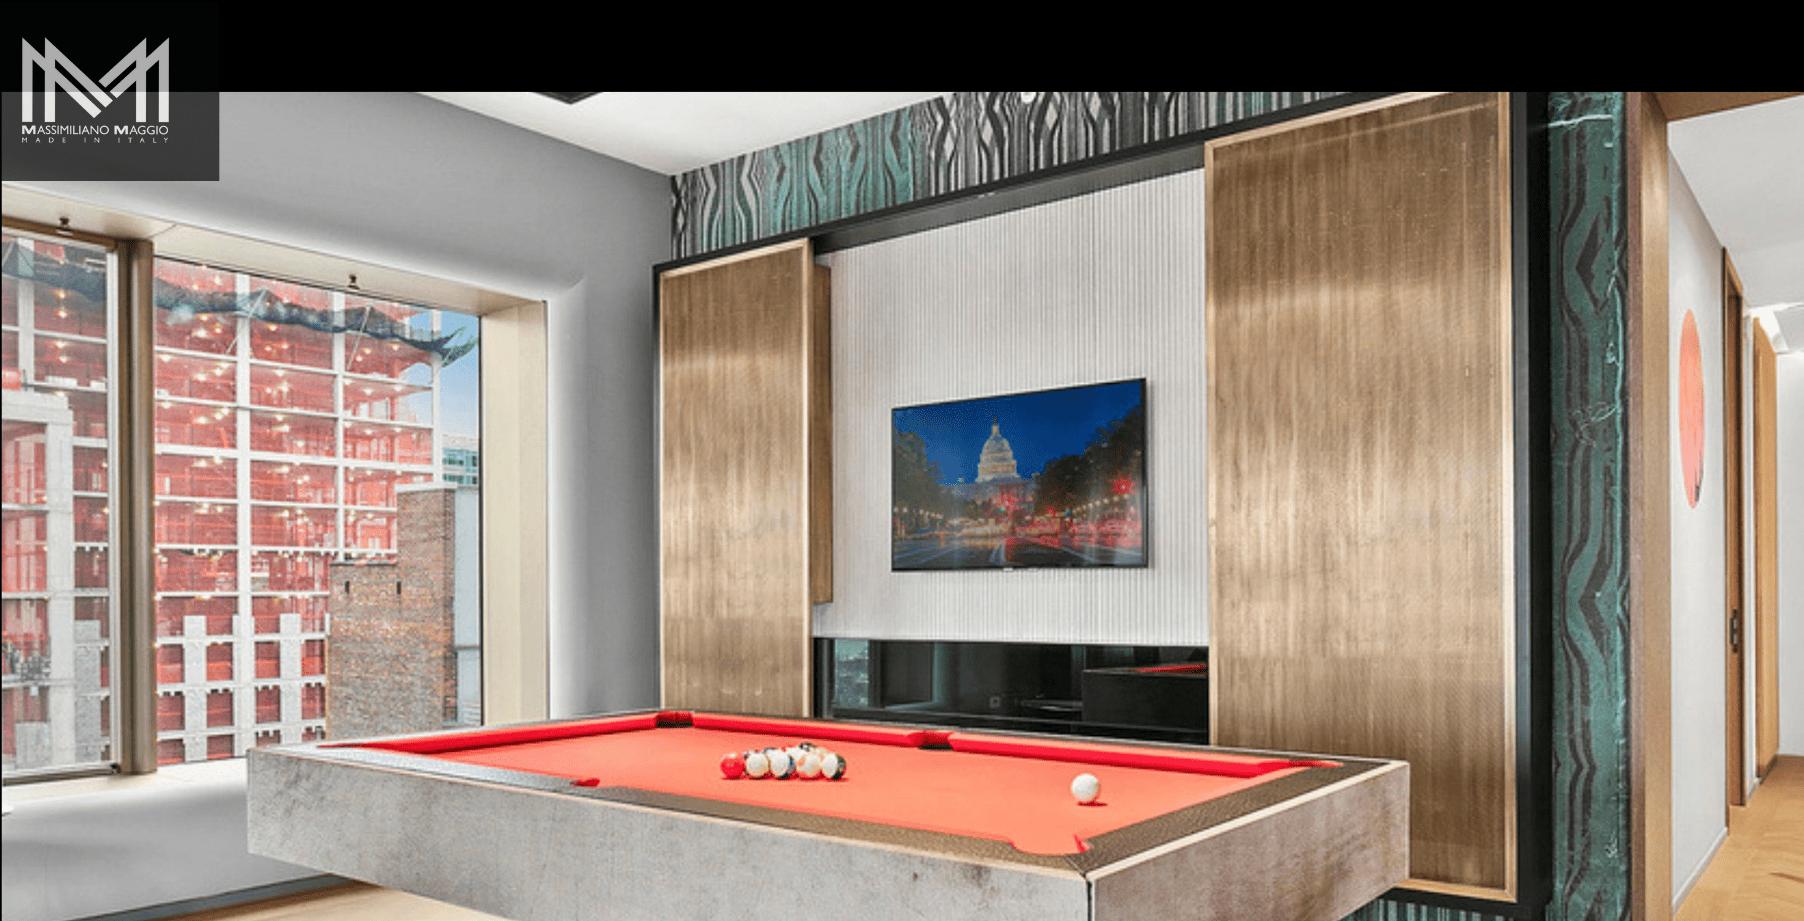 1 StandUp Preview Massimiliano Maggio Made in Italy Luxury Pool Table biliardo tavolo.png e1631369866559